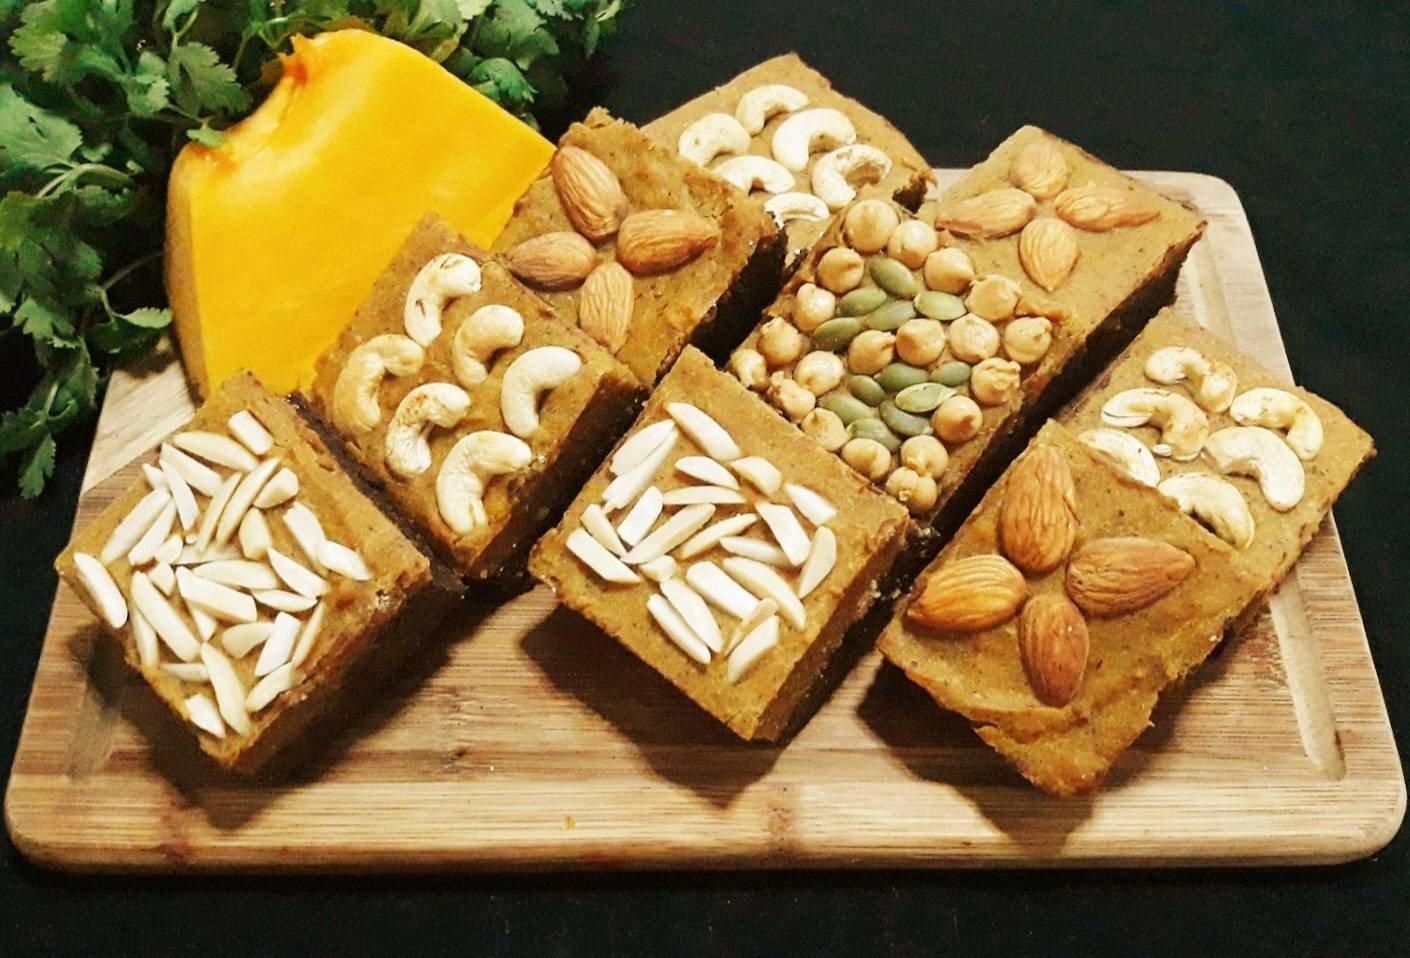 สูตร บราวนี่ฟักทอง/บราวนี่ฟักทองเพื่อสุขภาพ พร้อมวิธีทำโดย Bambi❤ - Wongnai  Cooking